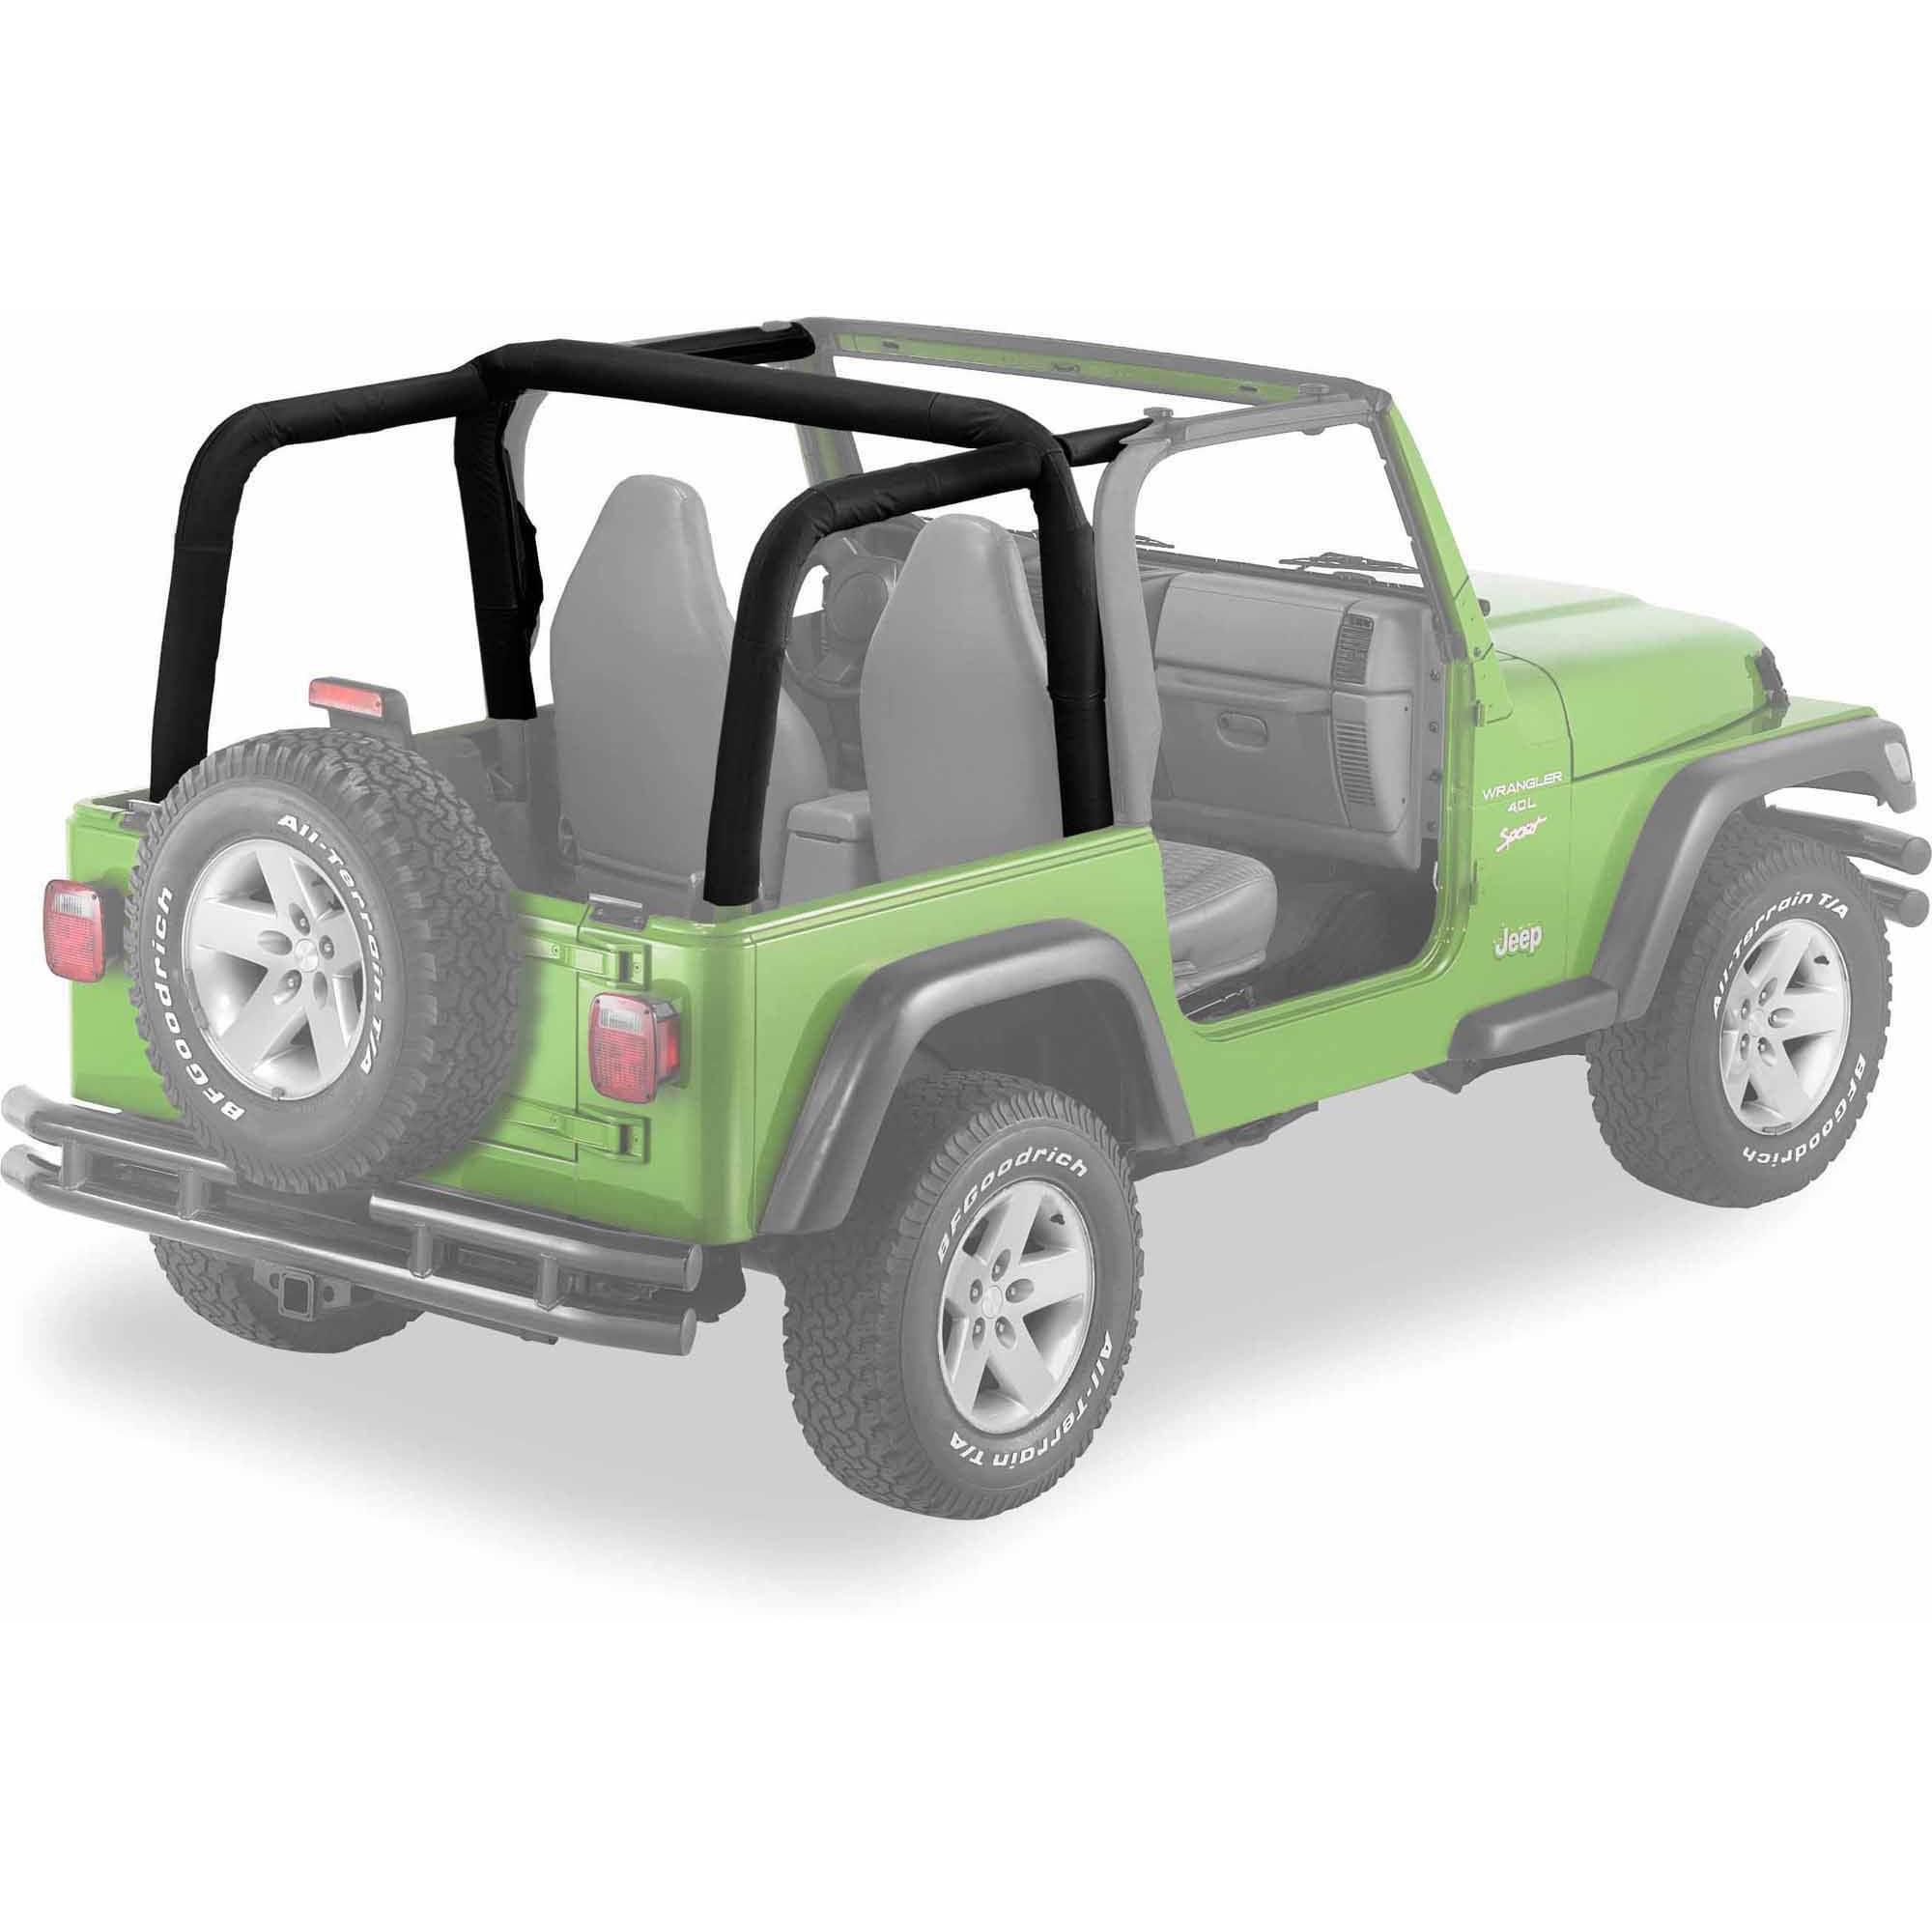 Bestop 80022-35 Jeep Wrangler 2-Door Sport Bar Covers, Black Diamond